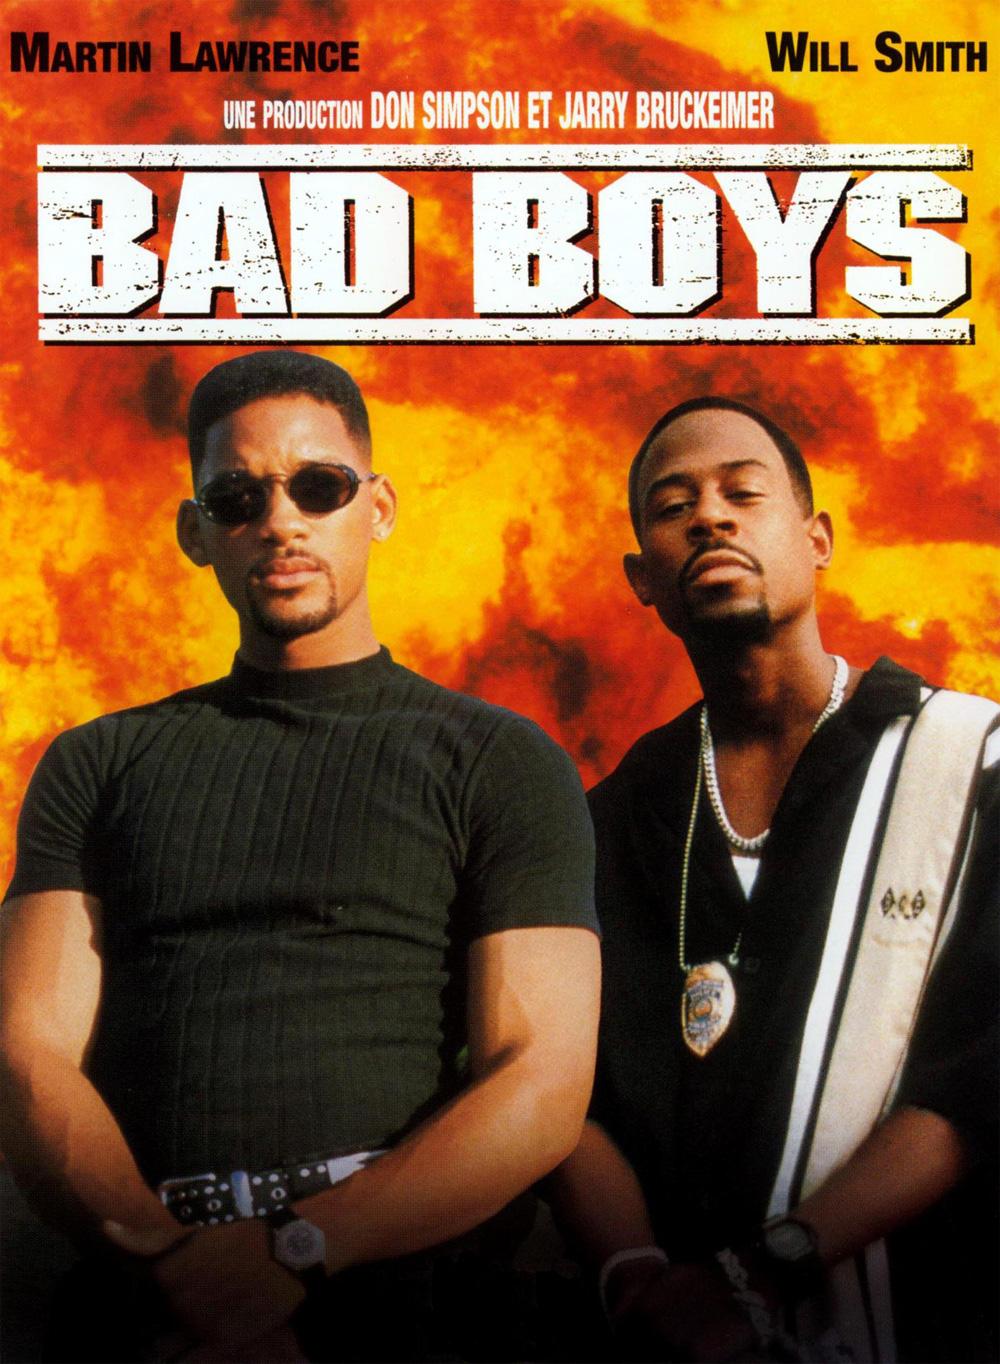 ดูหนัง Bad Boys 1 (1995) แบดบอยส์ คู่หูขวางนรก 1 ดูหนังออนไลน์ฟรี ดูหนังฟรี ดูหนังใหม่ชนโรง หนังใหม่ล่าสุด หนังแอคชั่น หนังผจญภัย หนังแอนนิเมชั่น หนัง HD ได้ที่ movie24x.com